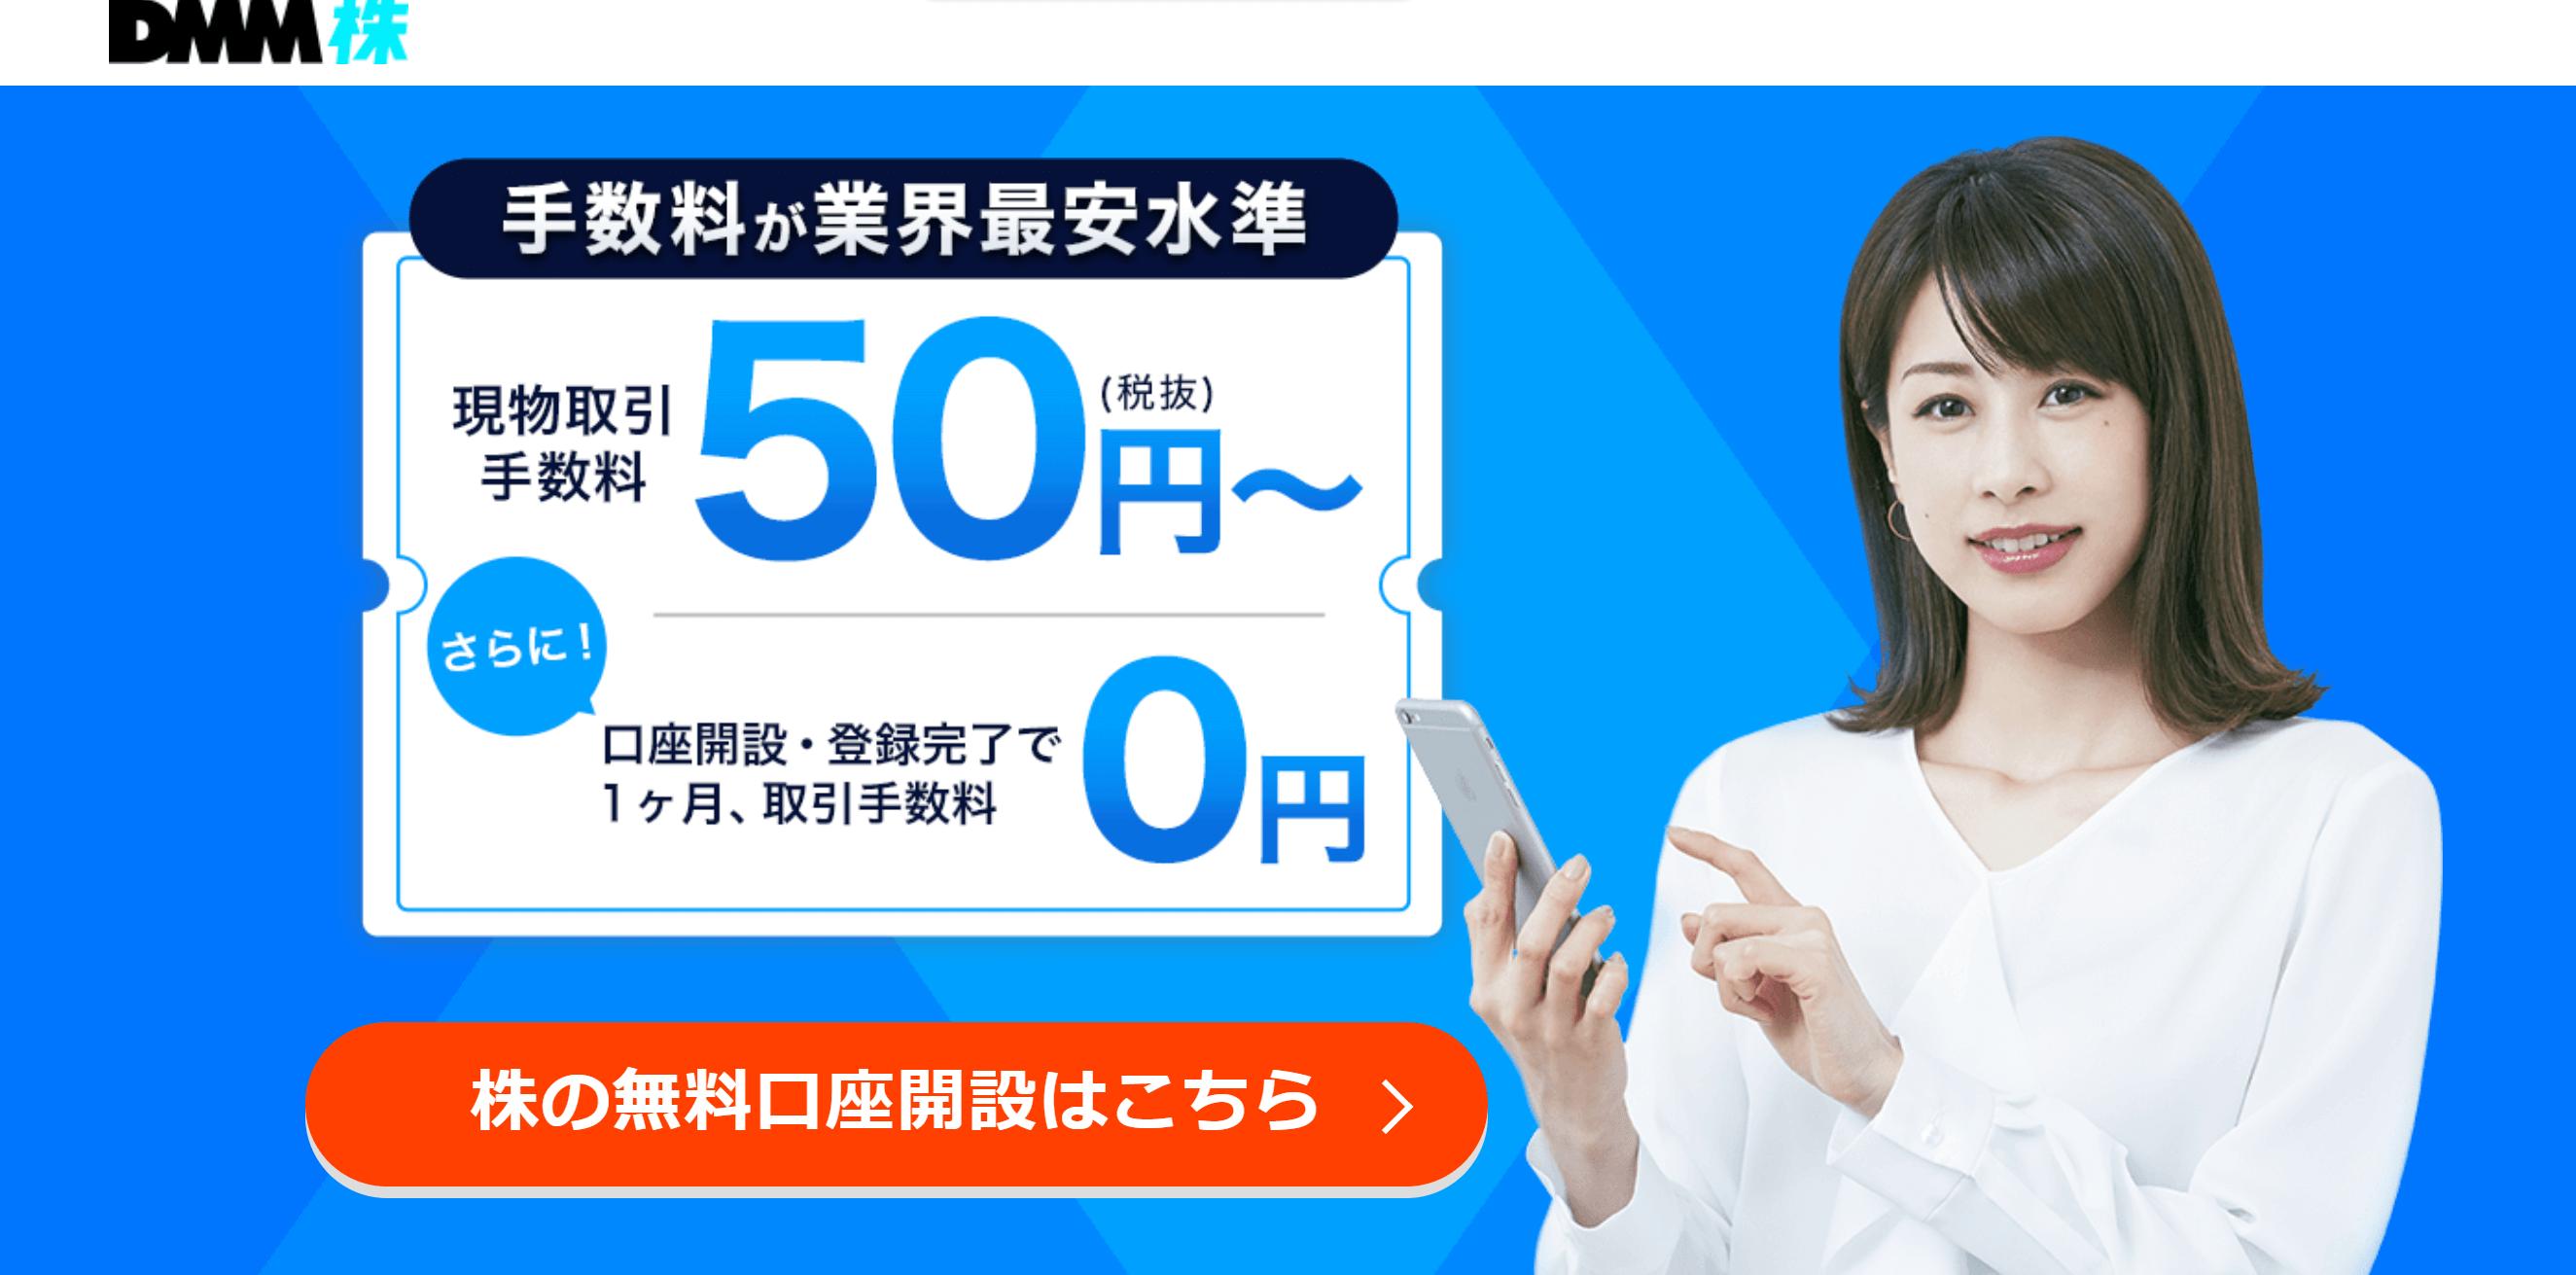 携帯 松井 サイト 証券